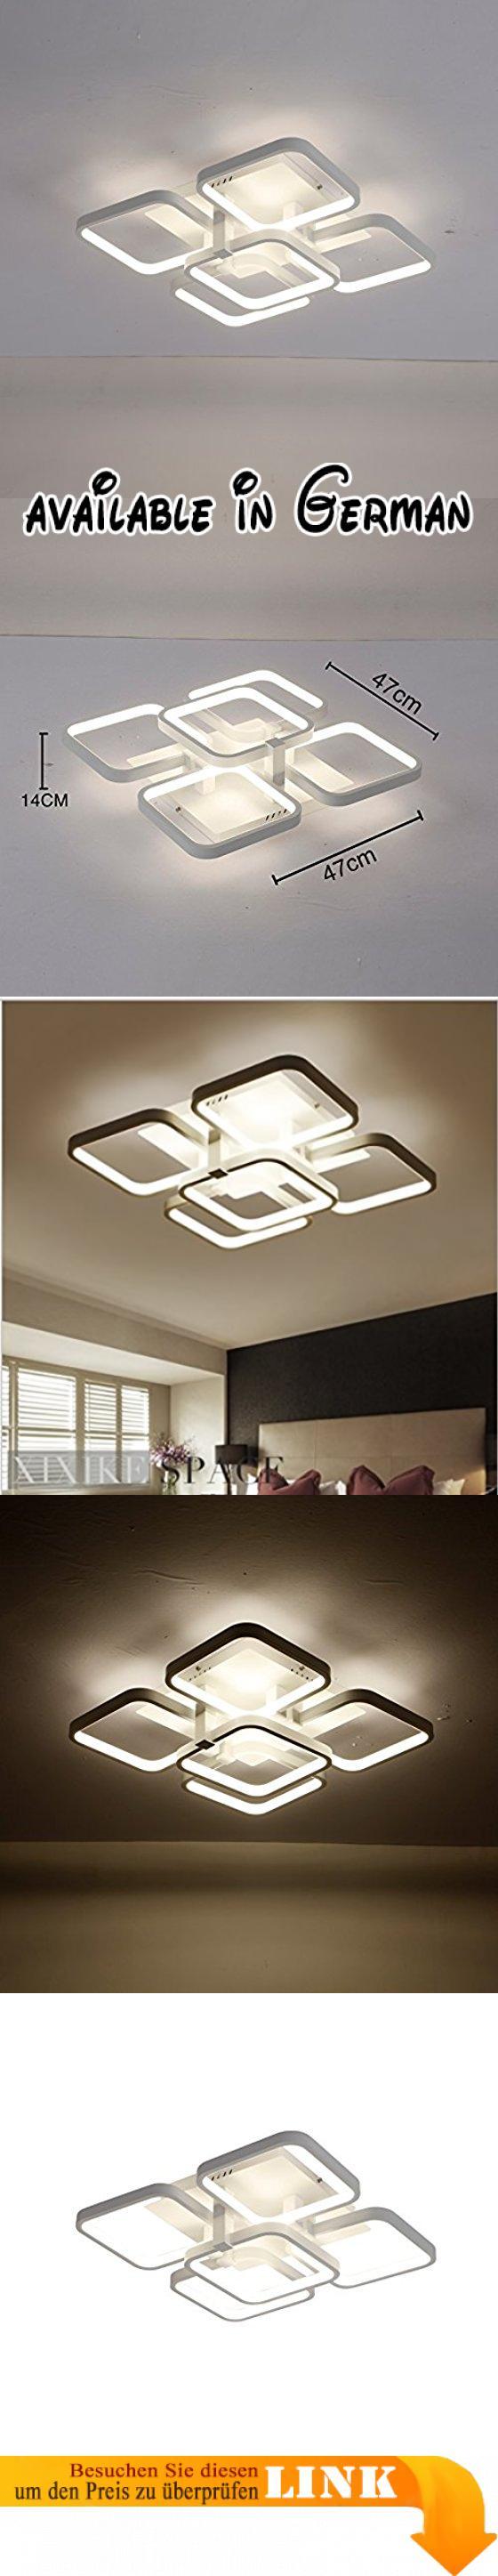 Deckenlampe Warmes Licht. Dgt Dnne Fhrte Runde Deckenlampe Moderne ...